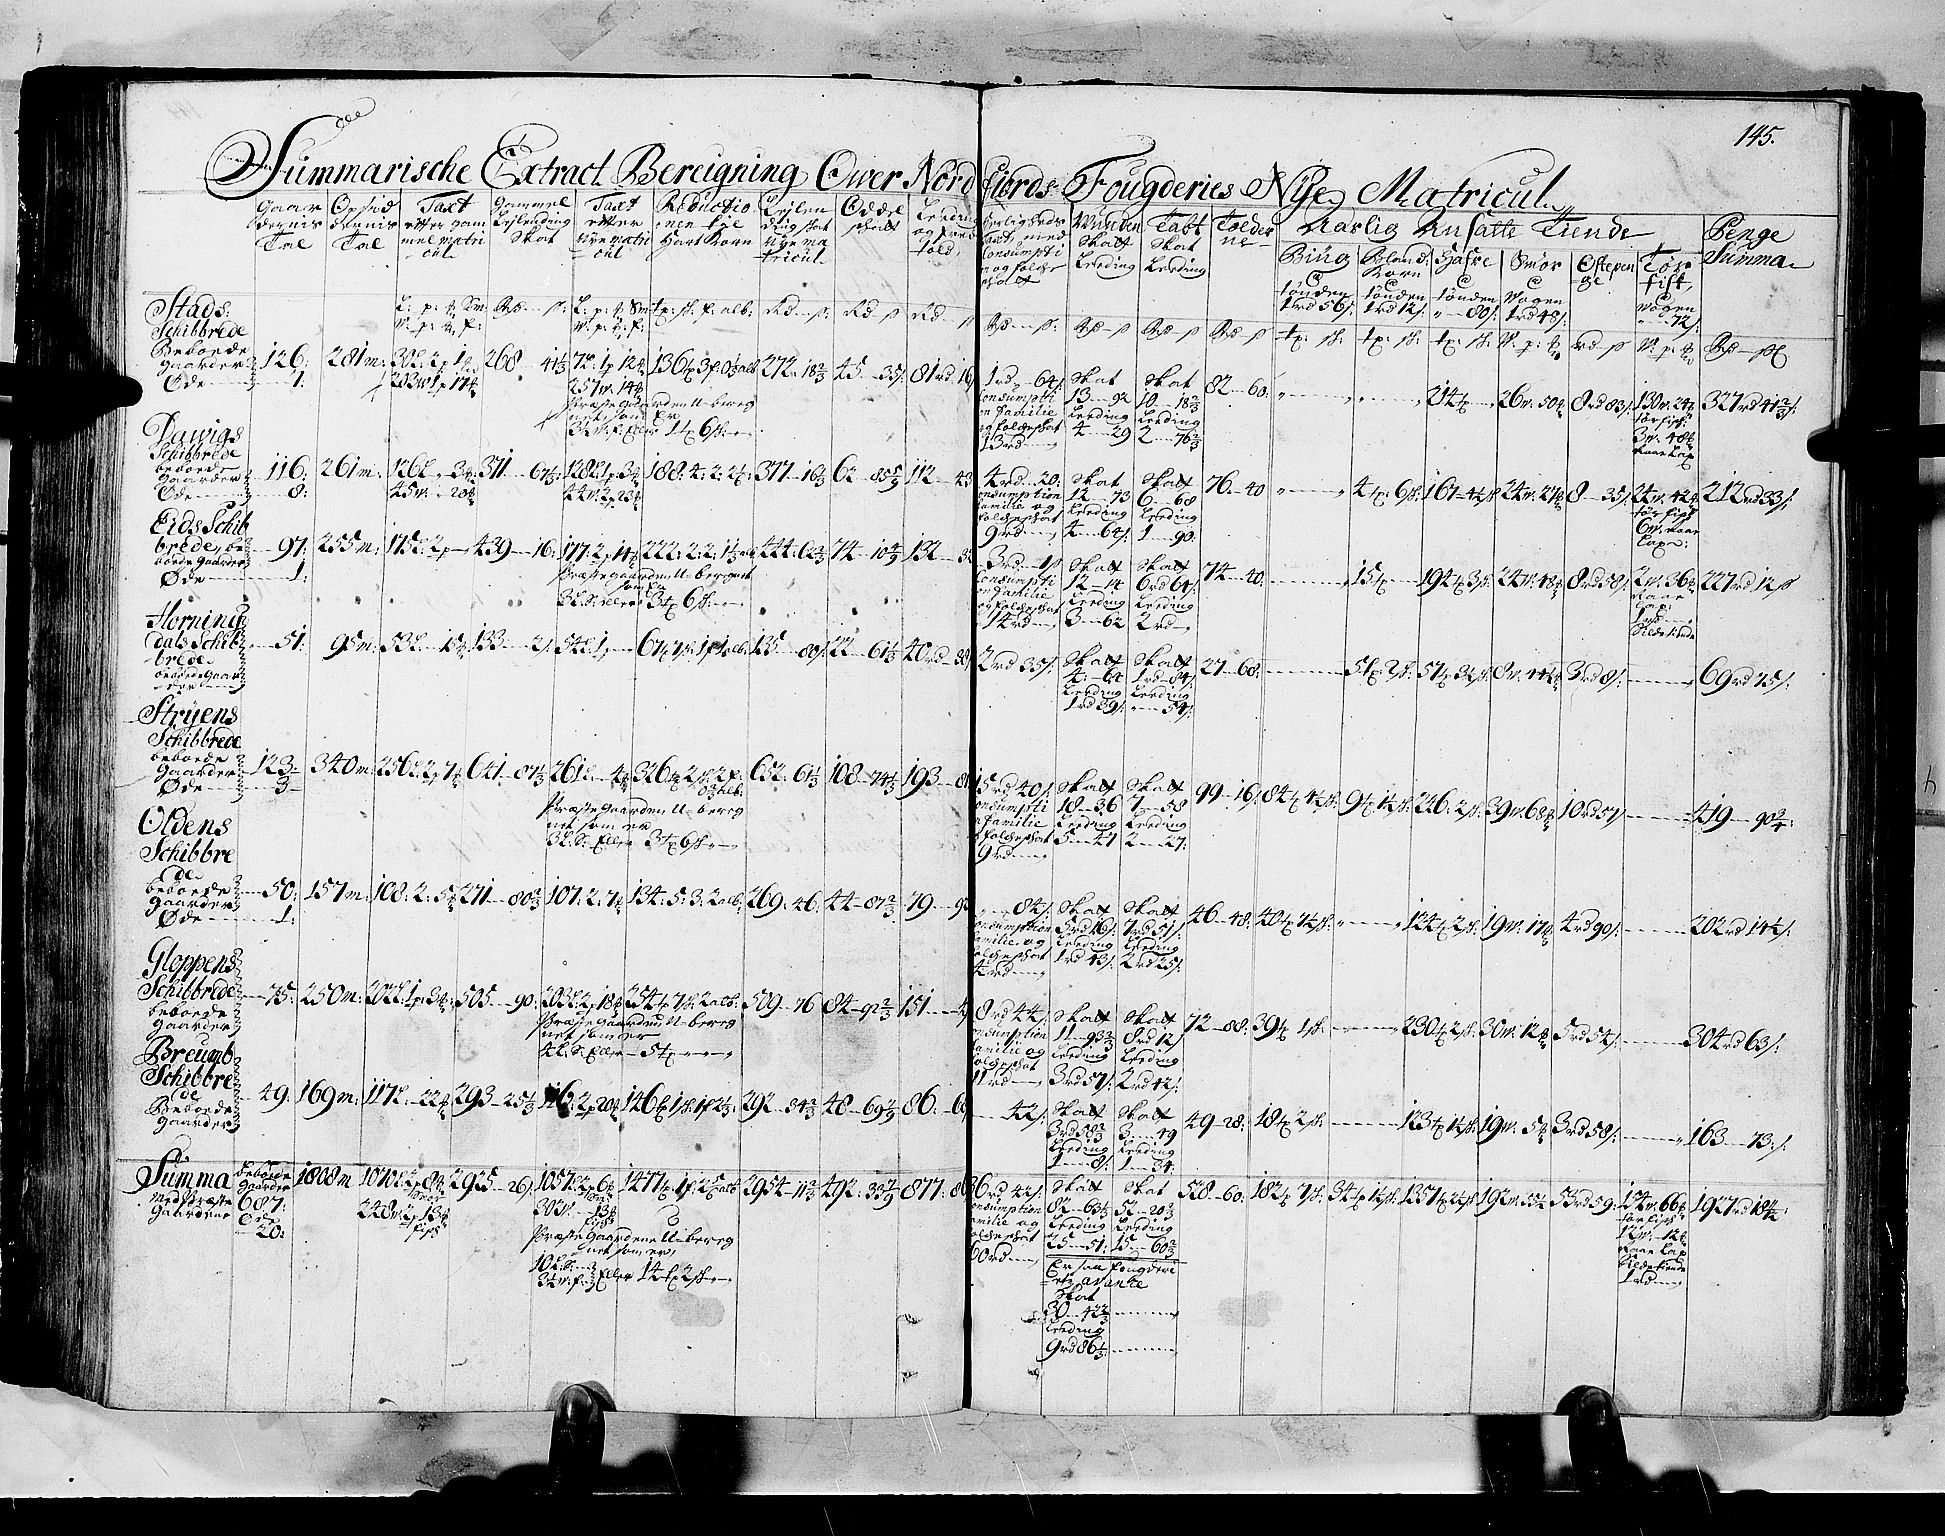 RA, Rentekammeret inntil 1814, Realistisk ordnet avdeling, N/Nb/Nbf/L0147: Sunnfjord og Nordfjord matrikkelprotokoll, 1723, s. 144b-145a